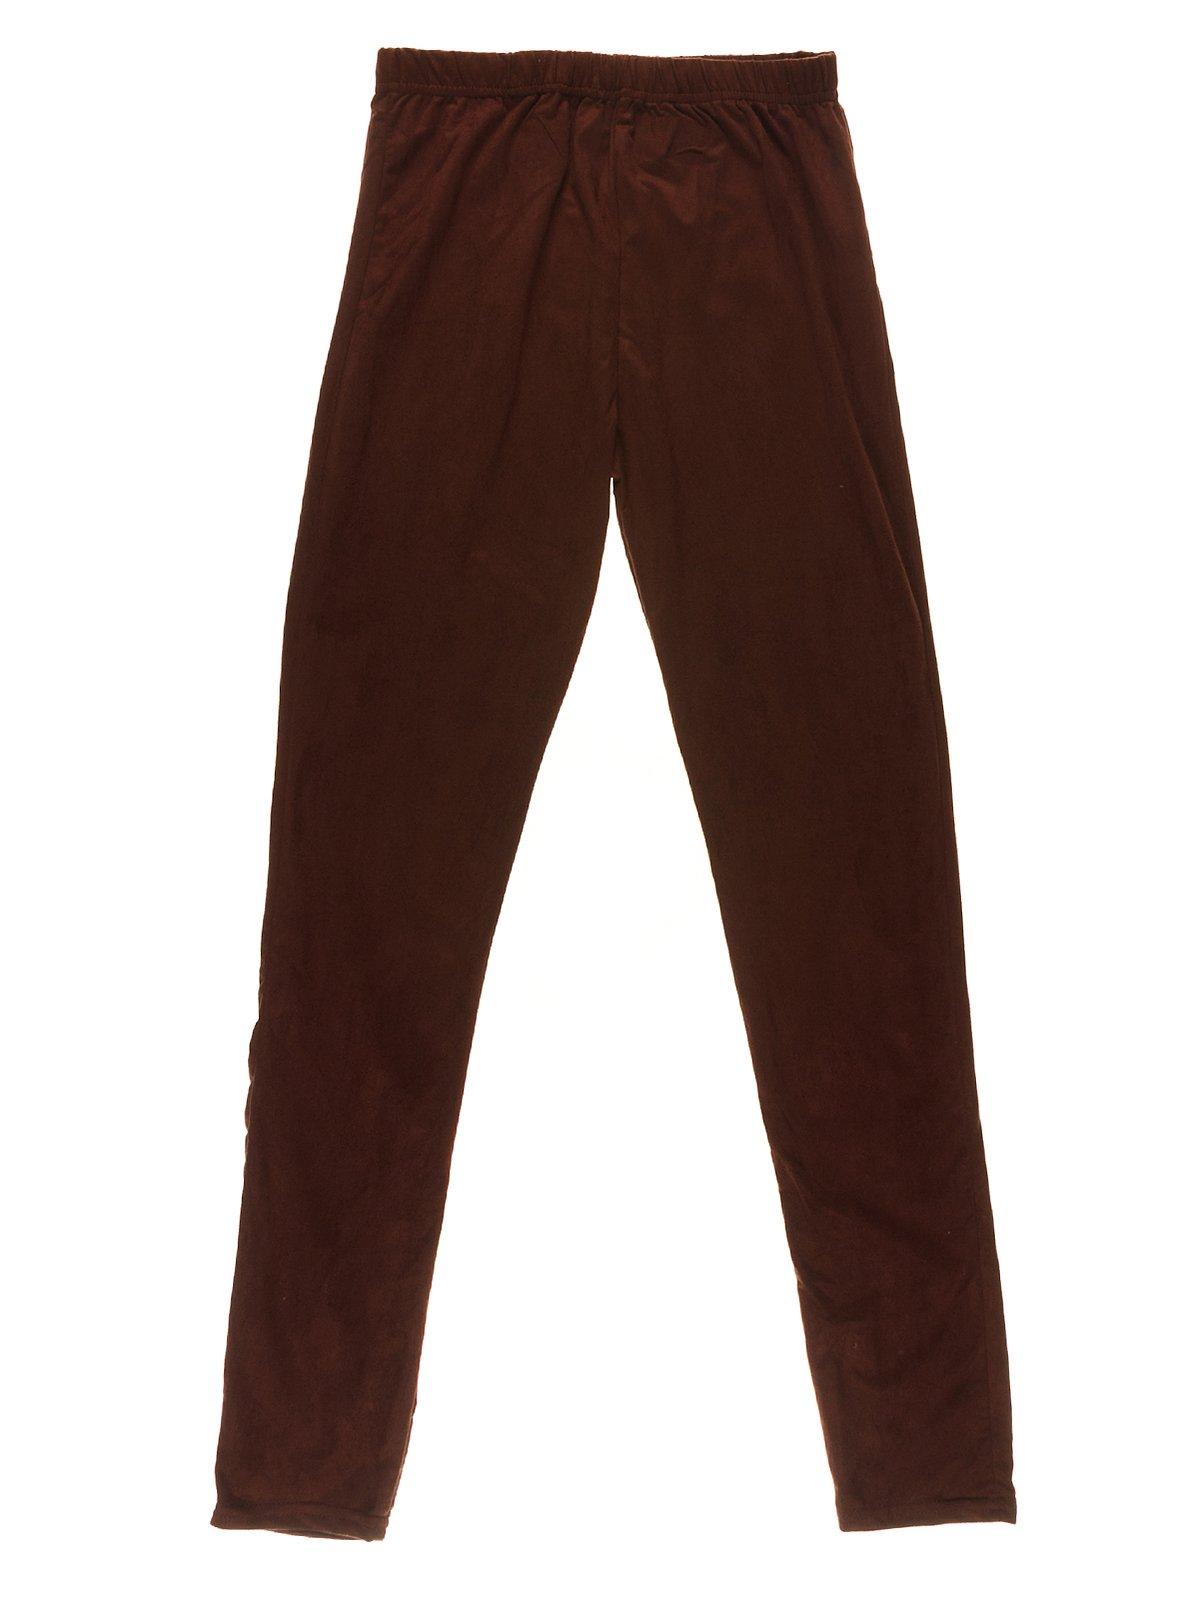 Легінси коричневі | 987218 | фото 2